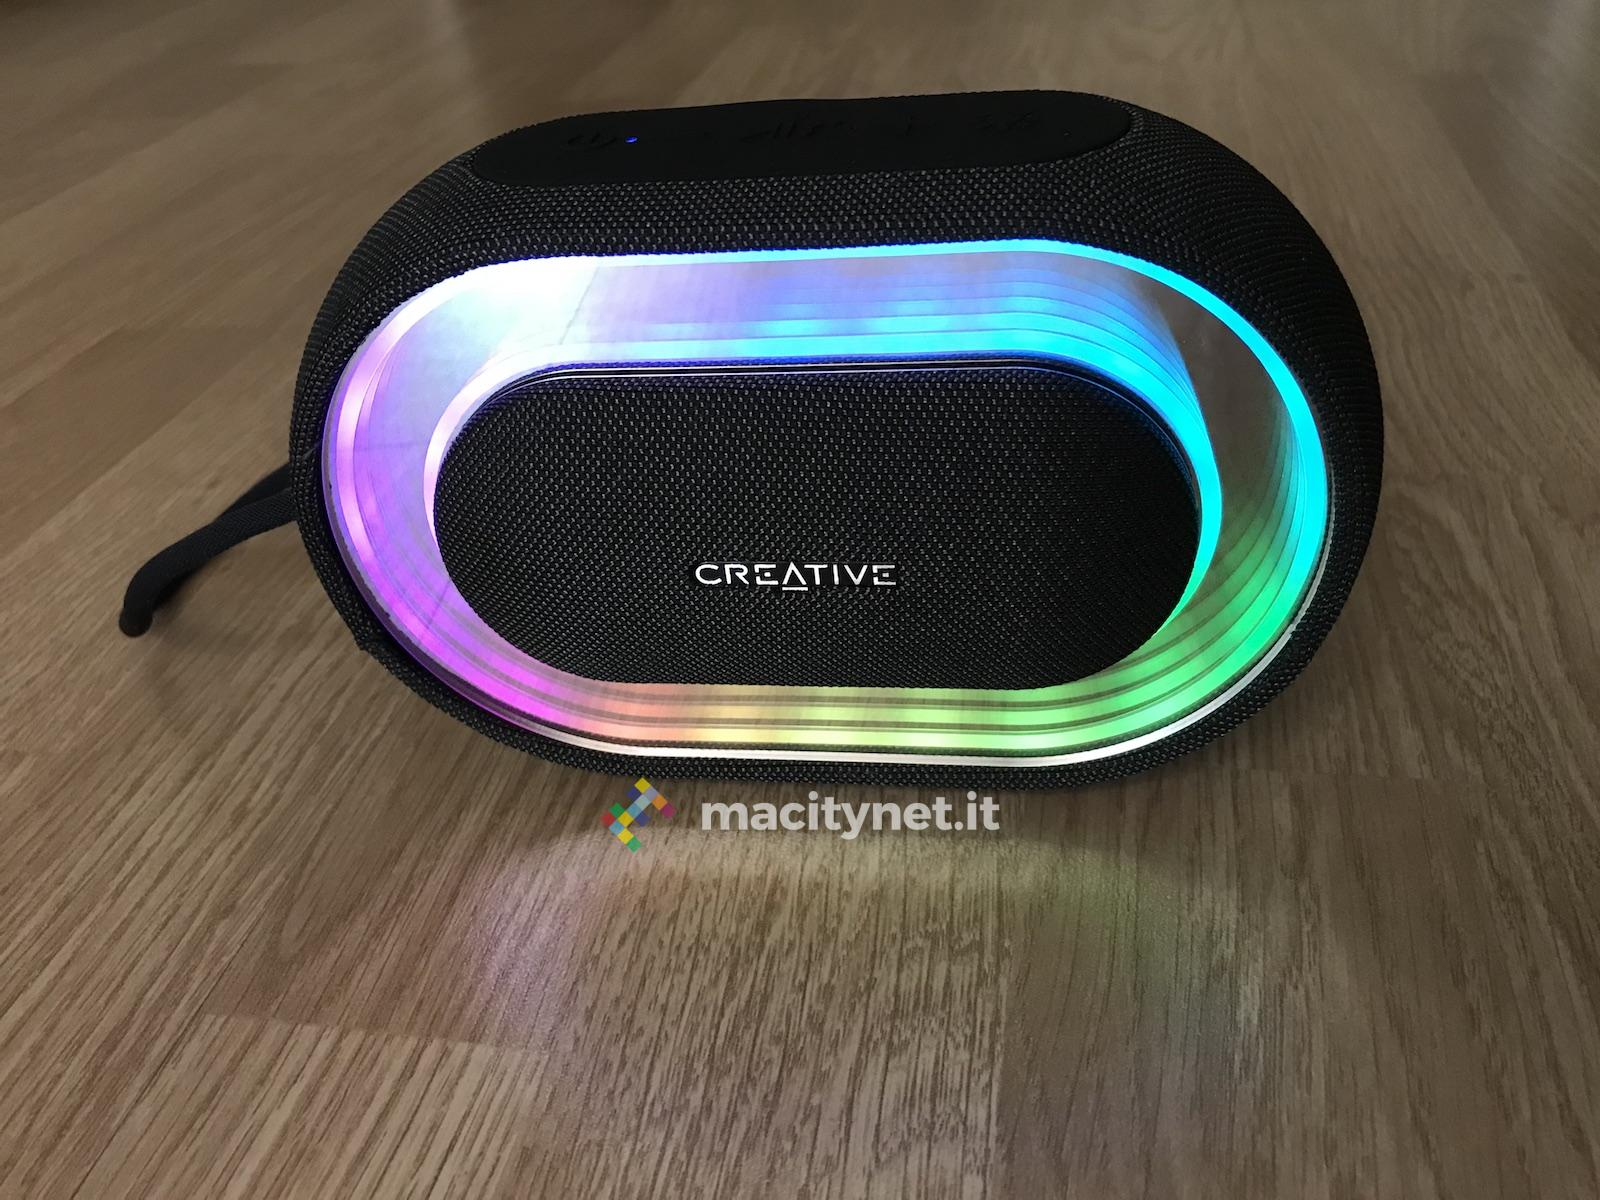 Recensione Creative Halo, l'altoparlante tutto da vedere